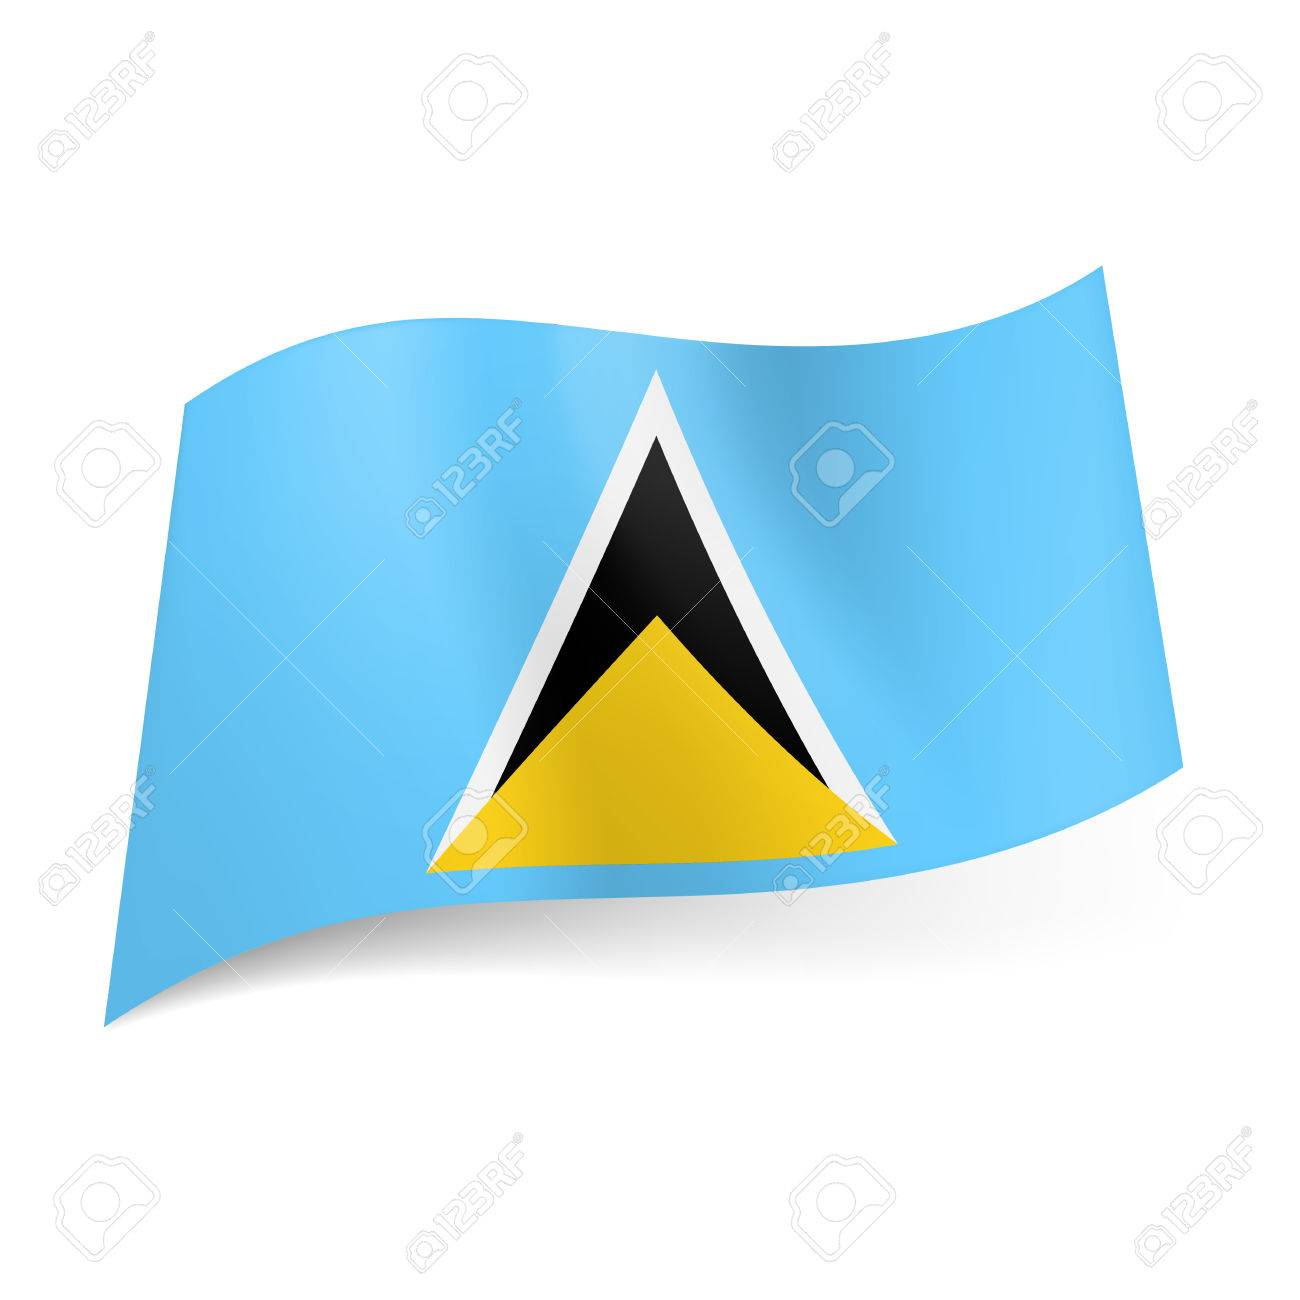 bandera con azul amarillo y negro